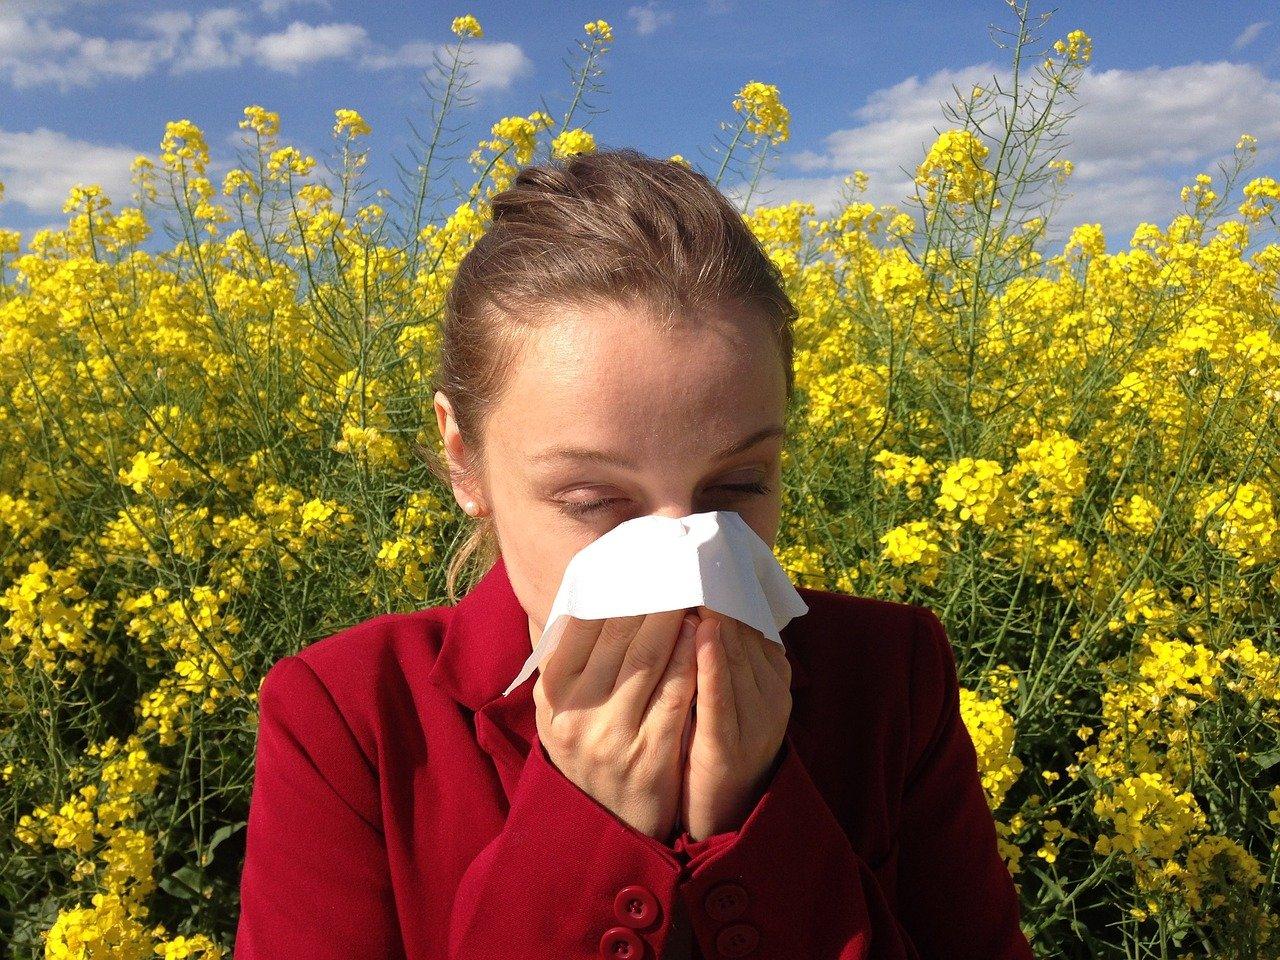 Jak sobie poradzić z alergią oczu?